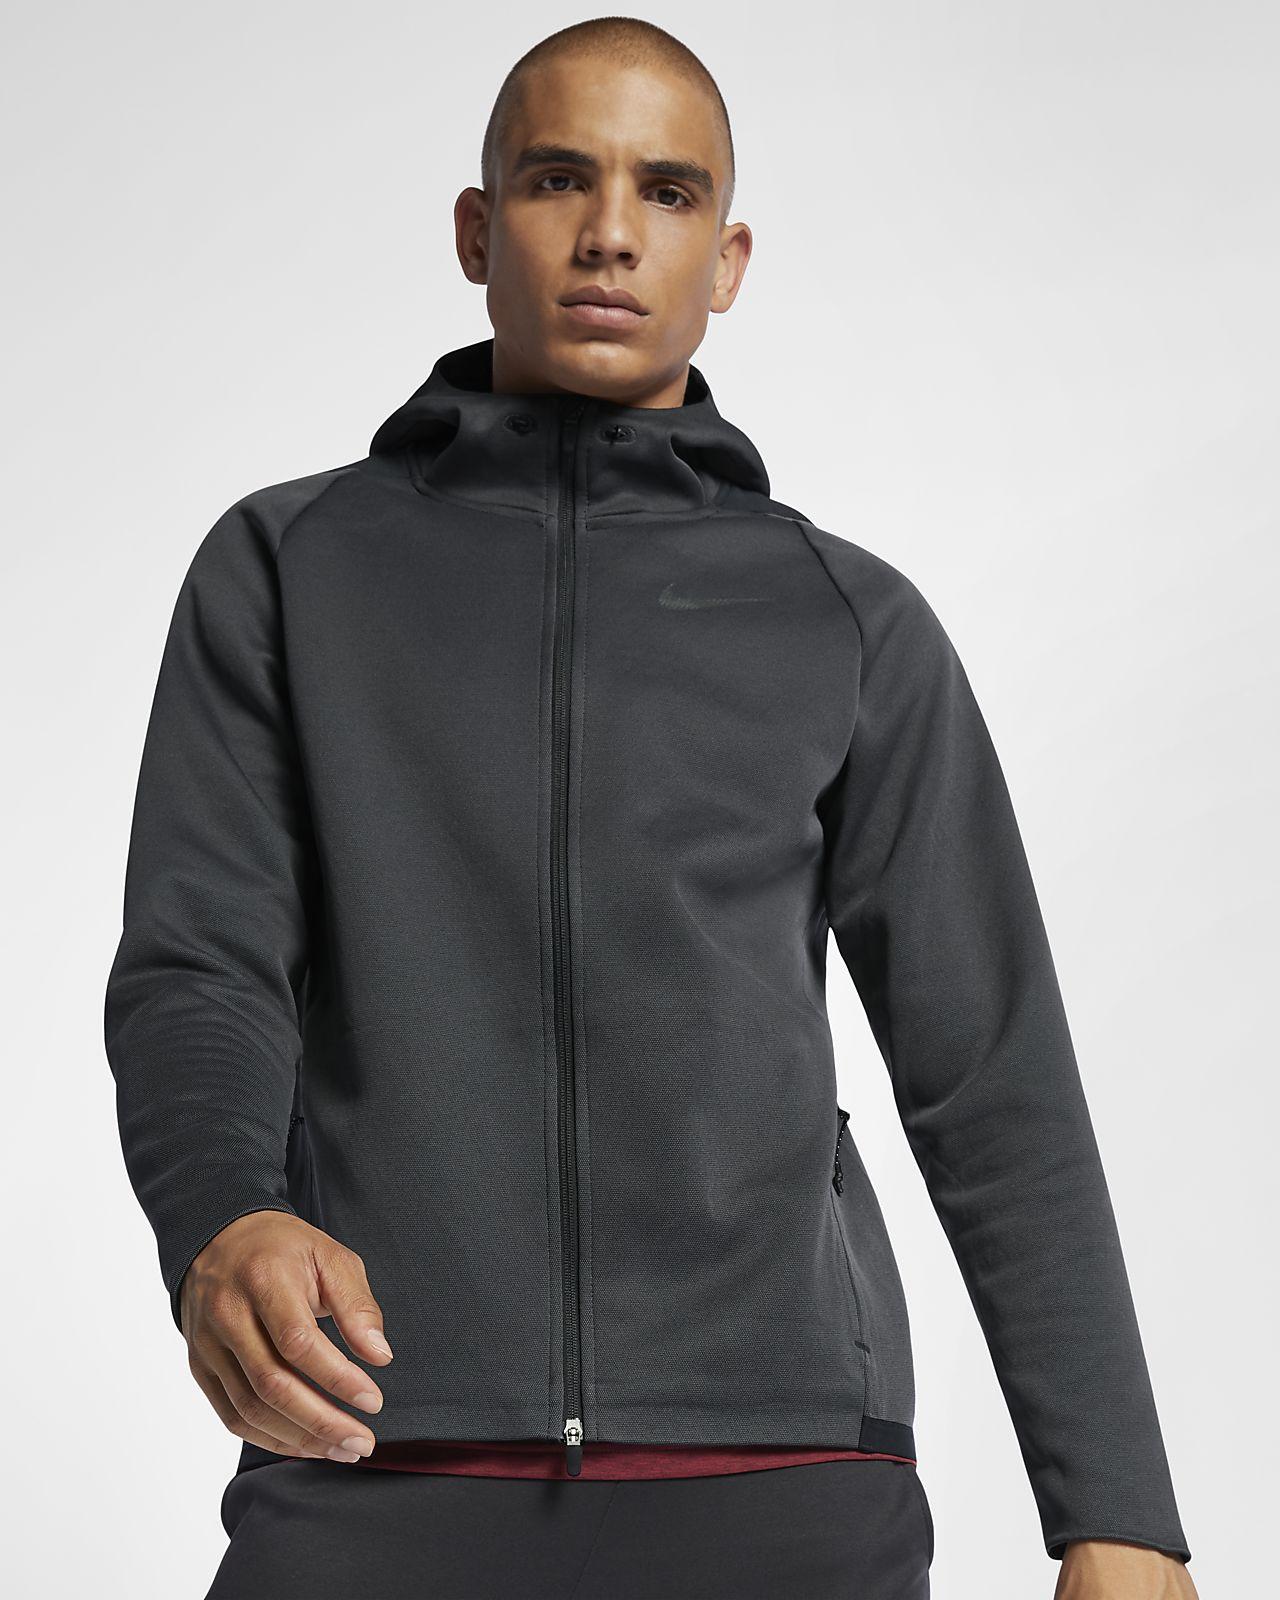 ナイキ サーマ スフィア マックス メンズ フーデッド フルジップ トレーニングジャケット